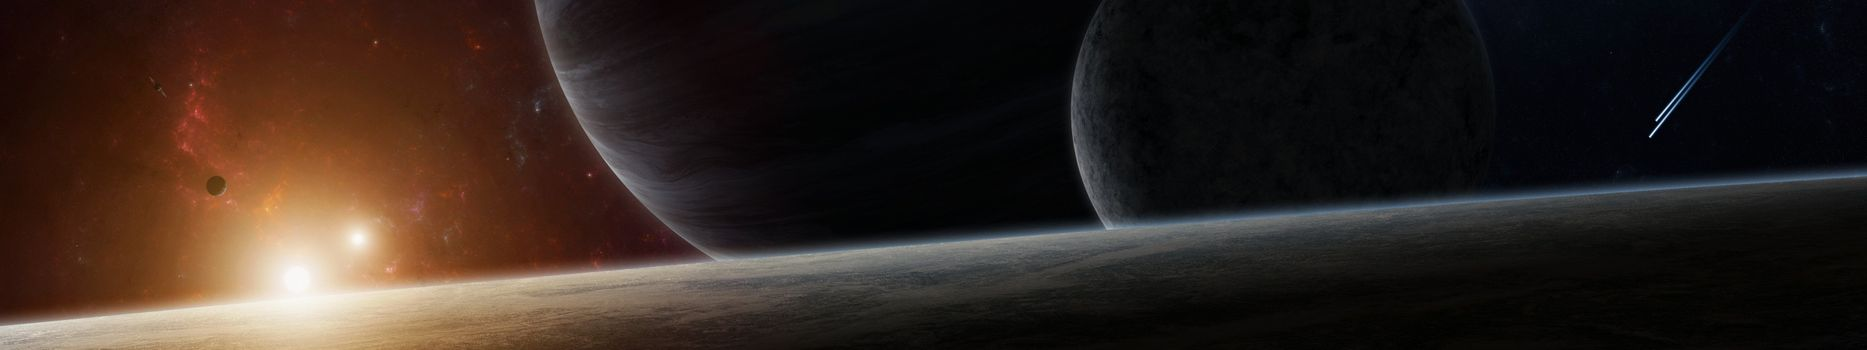 Фото бесплатно планеты, восход, звезды, даль, монитор, мульти, несколько, планете, экран, космос, тройные, обои